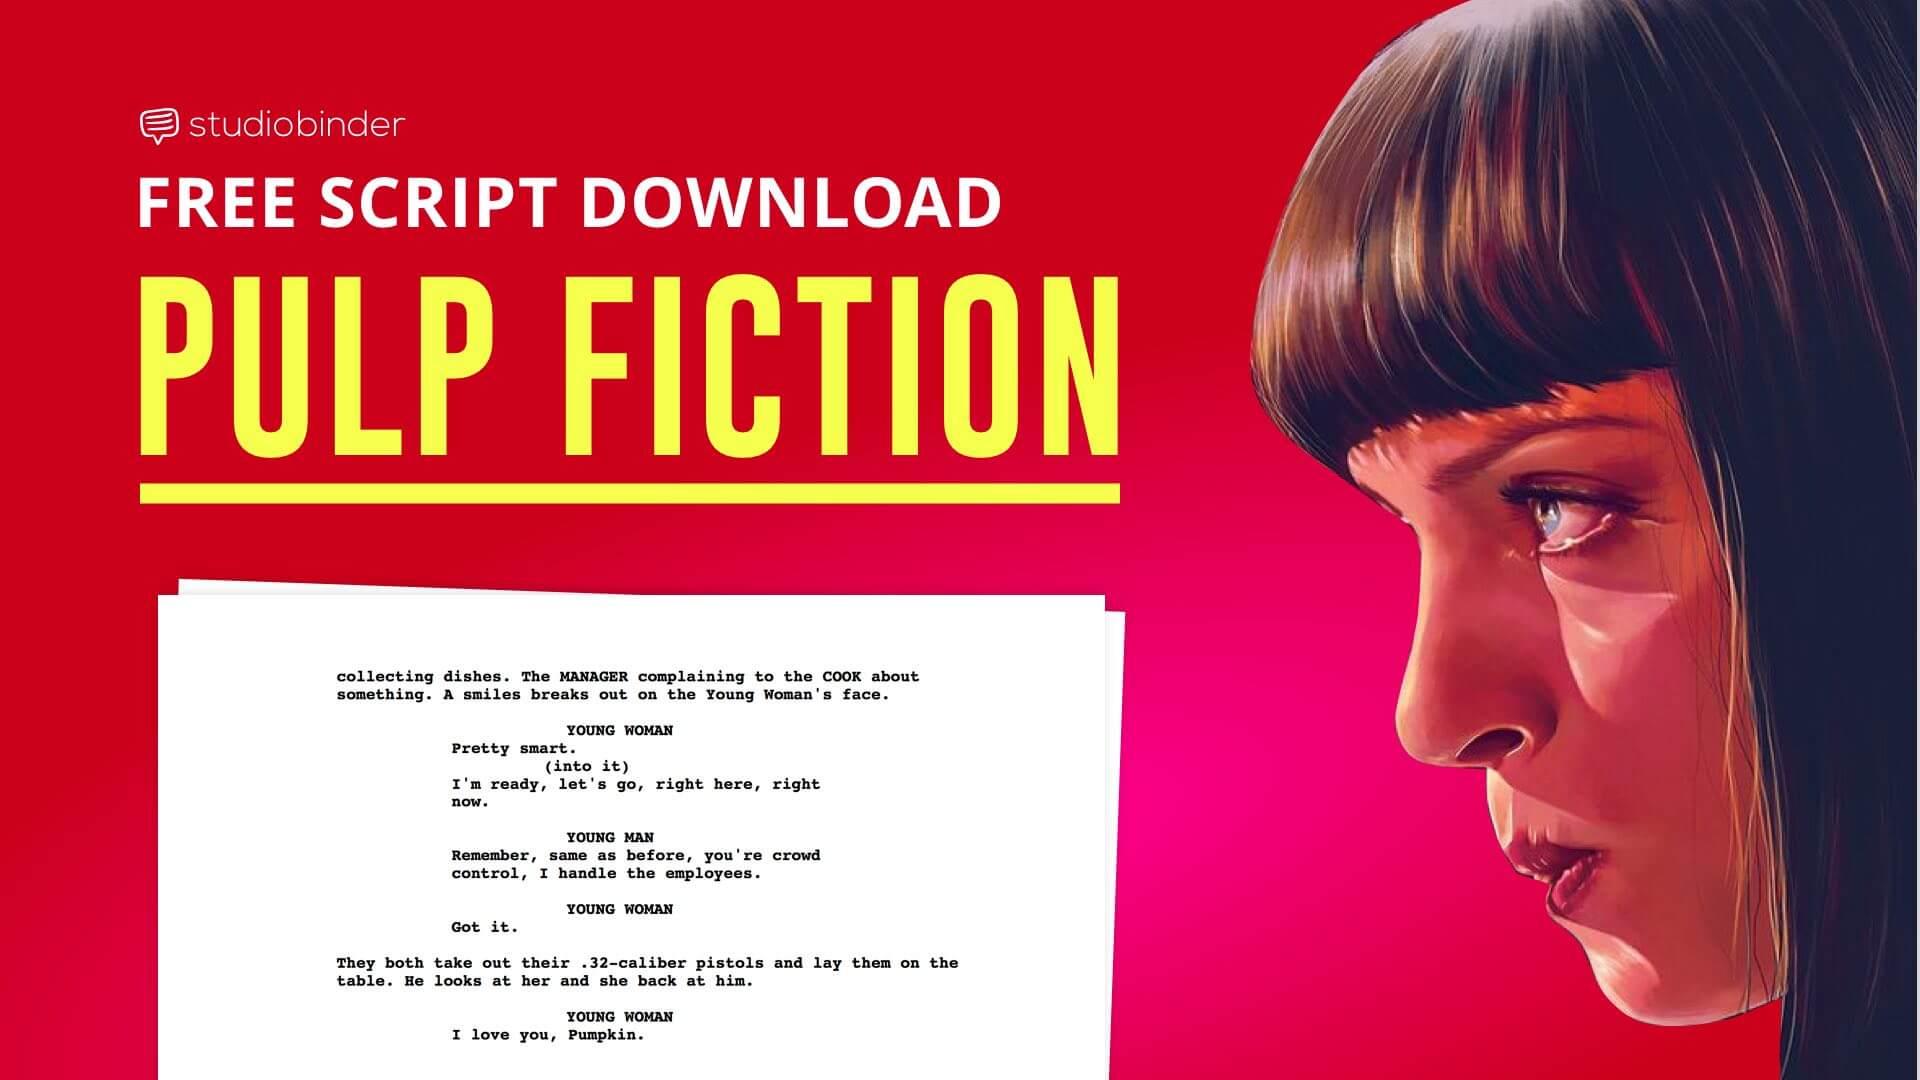 Screenplay Examples: Pulp Fiction Script [FREE Script Download]